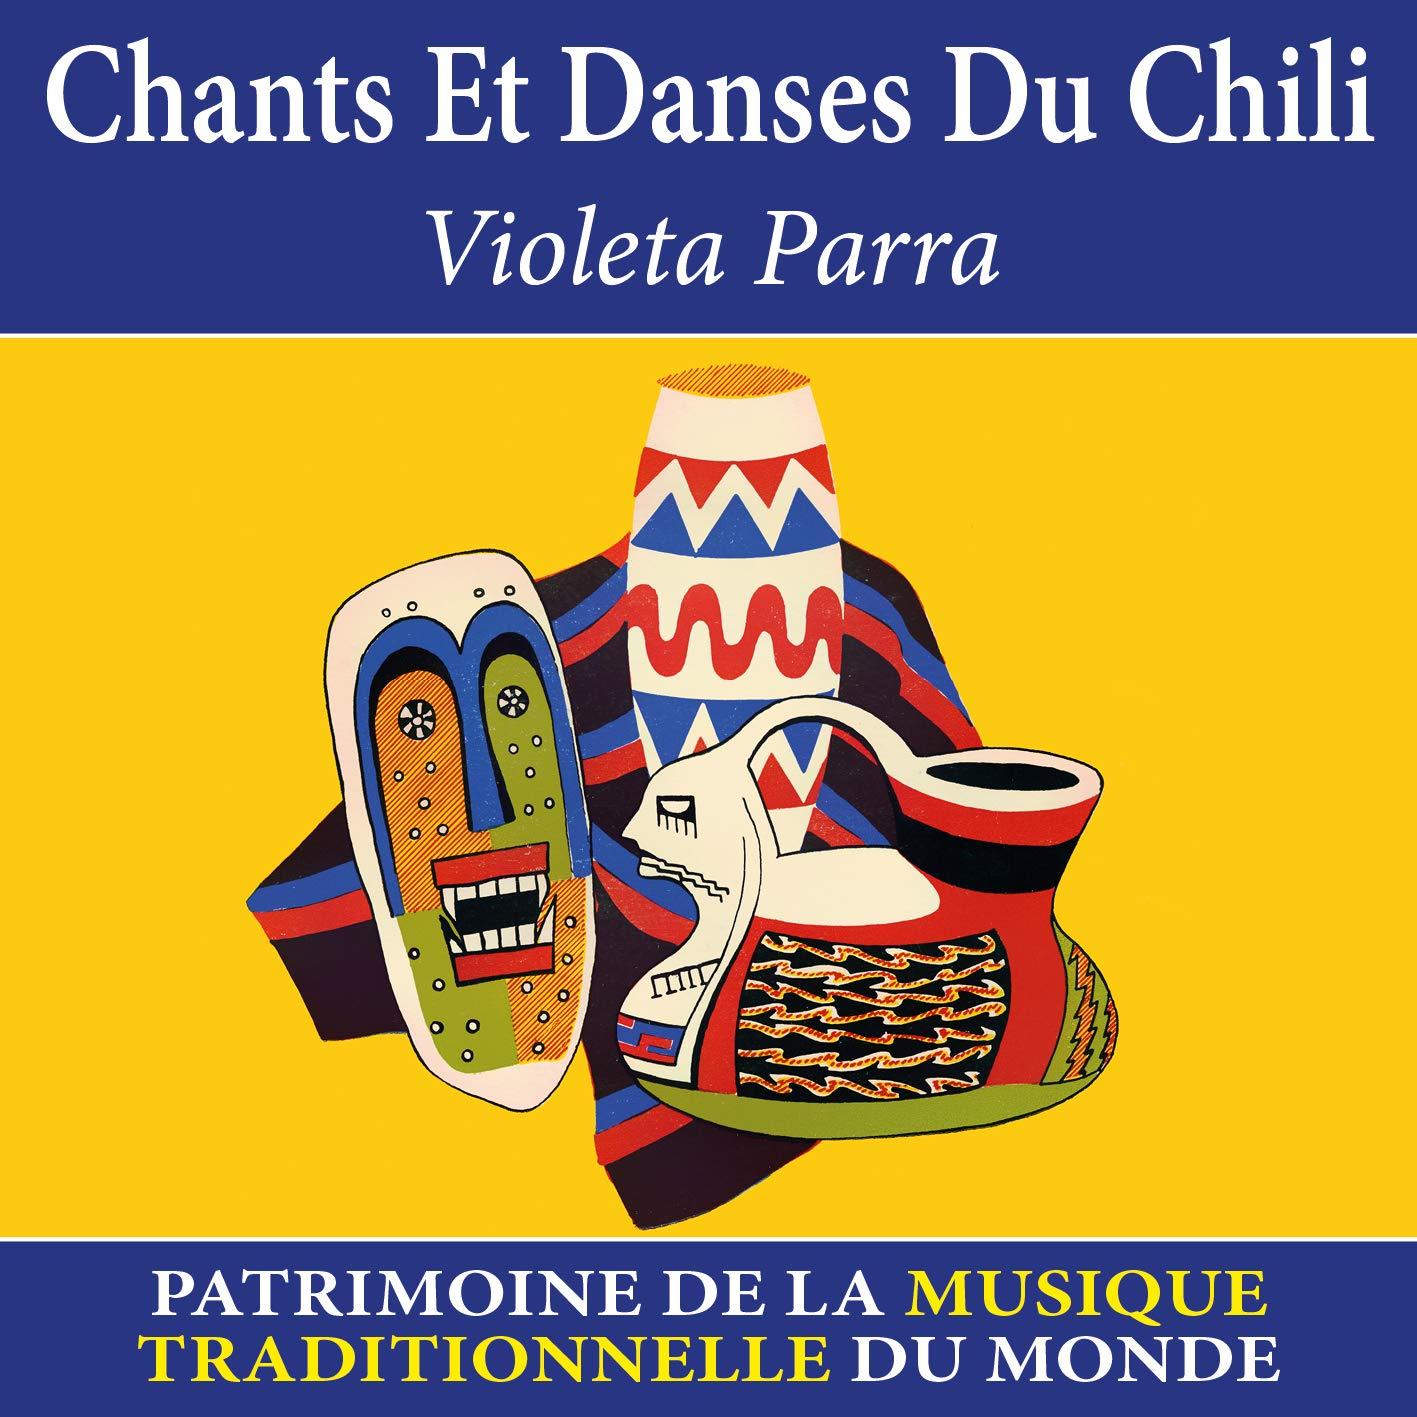 Chants et danses du Chili - Patrimoine de la musique traditionnelle du monde